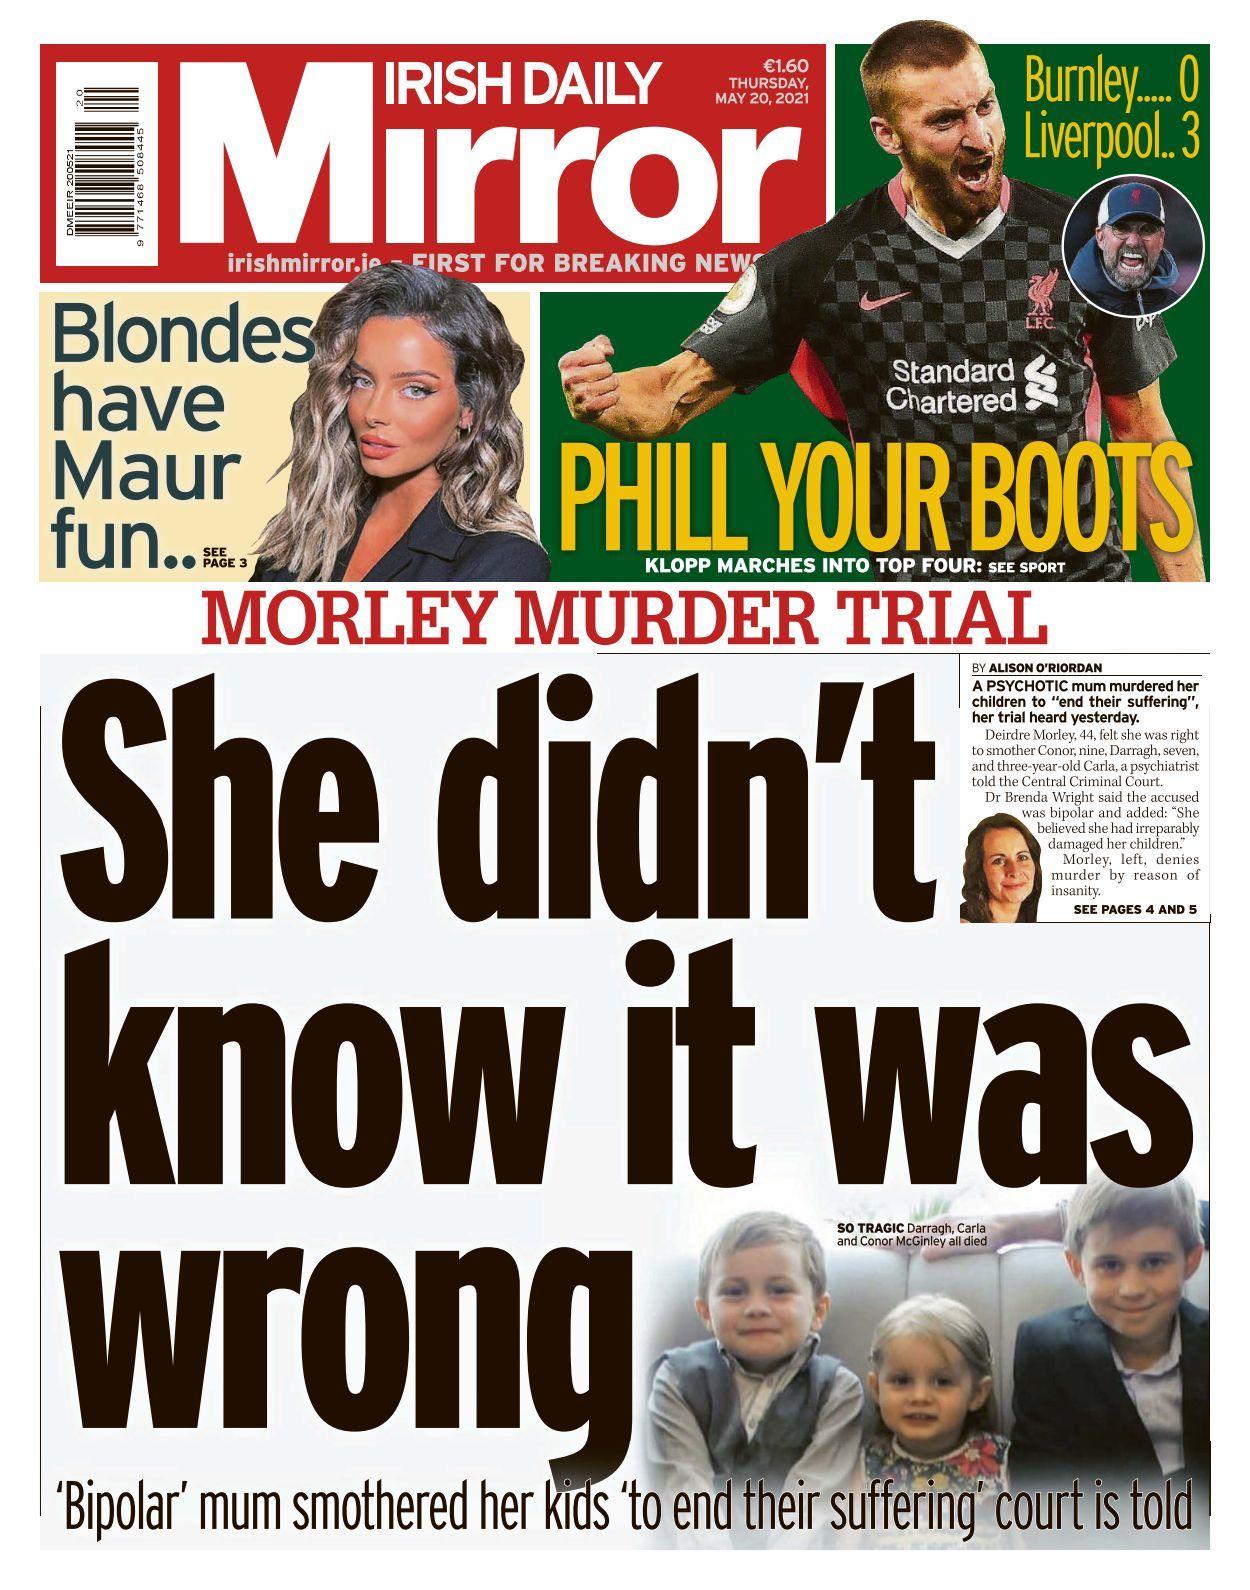 25 Irish Daily Mirror   10 10 10